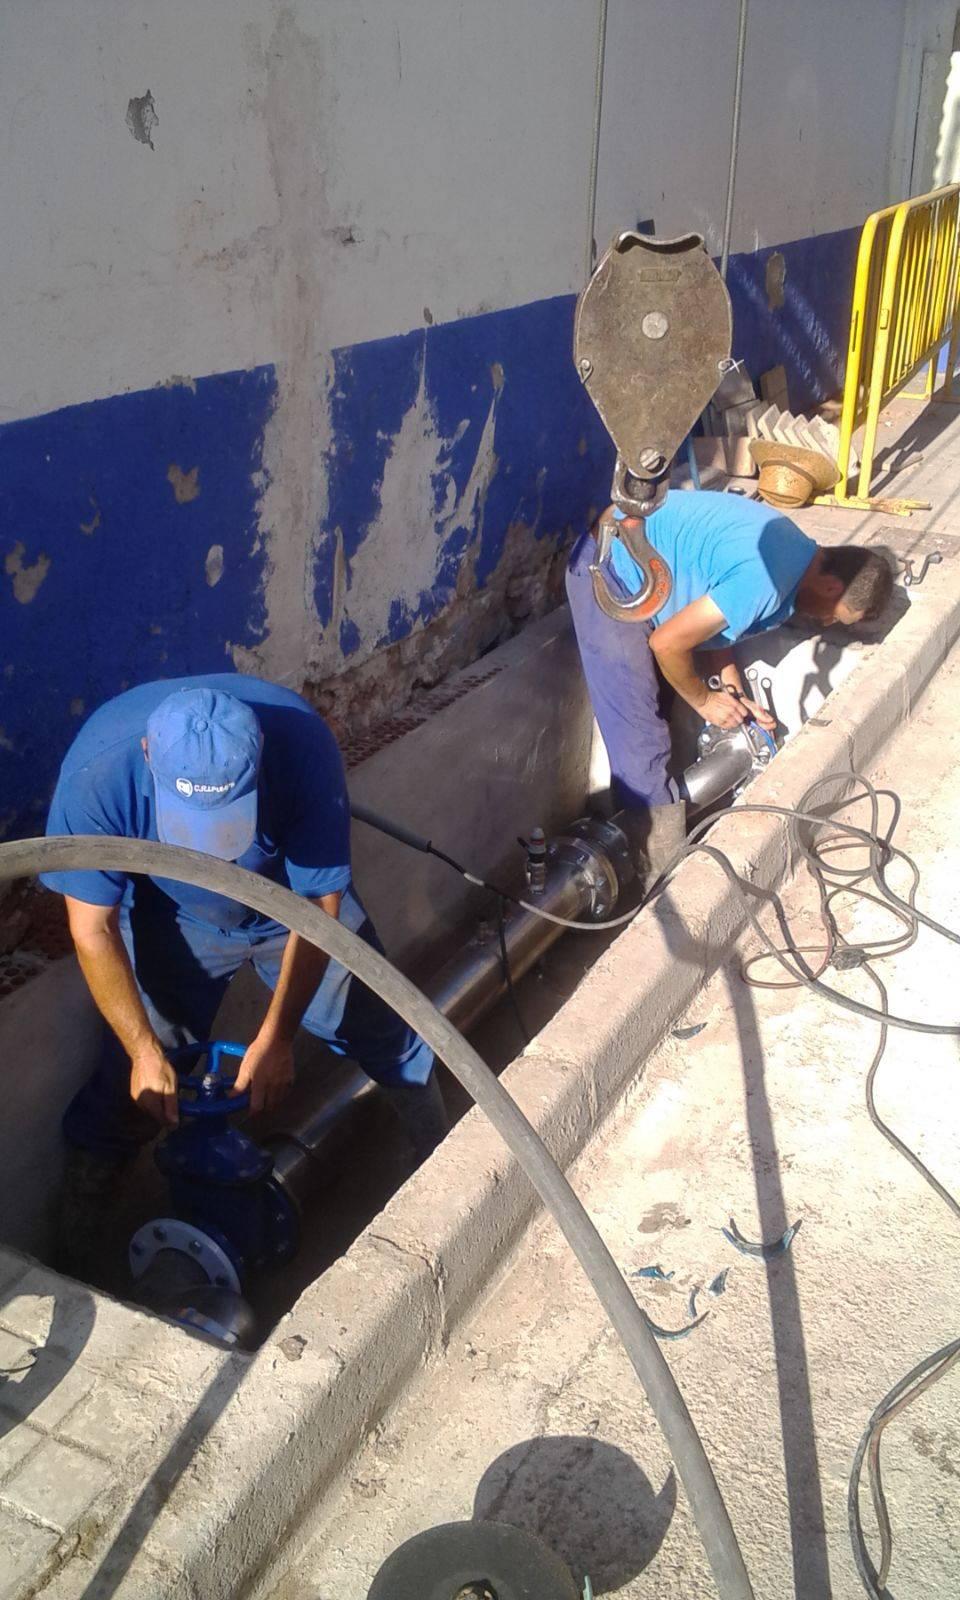 Solucionando problemas de presión de agua en calle Cervantes 1